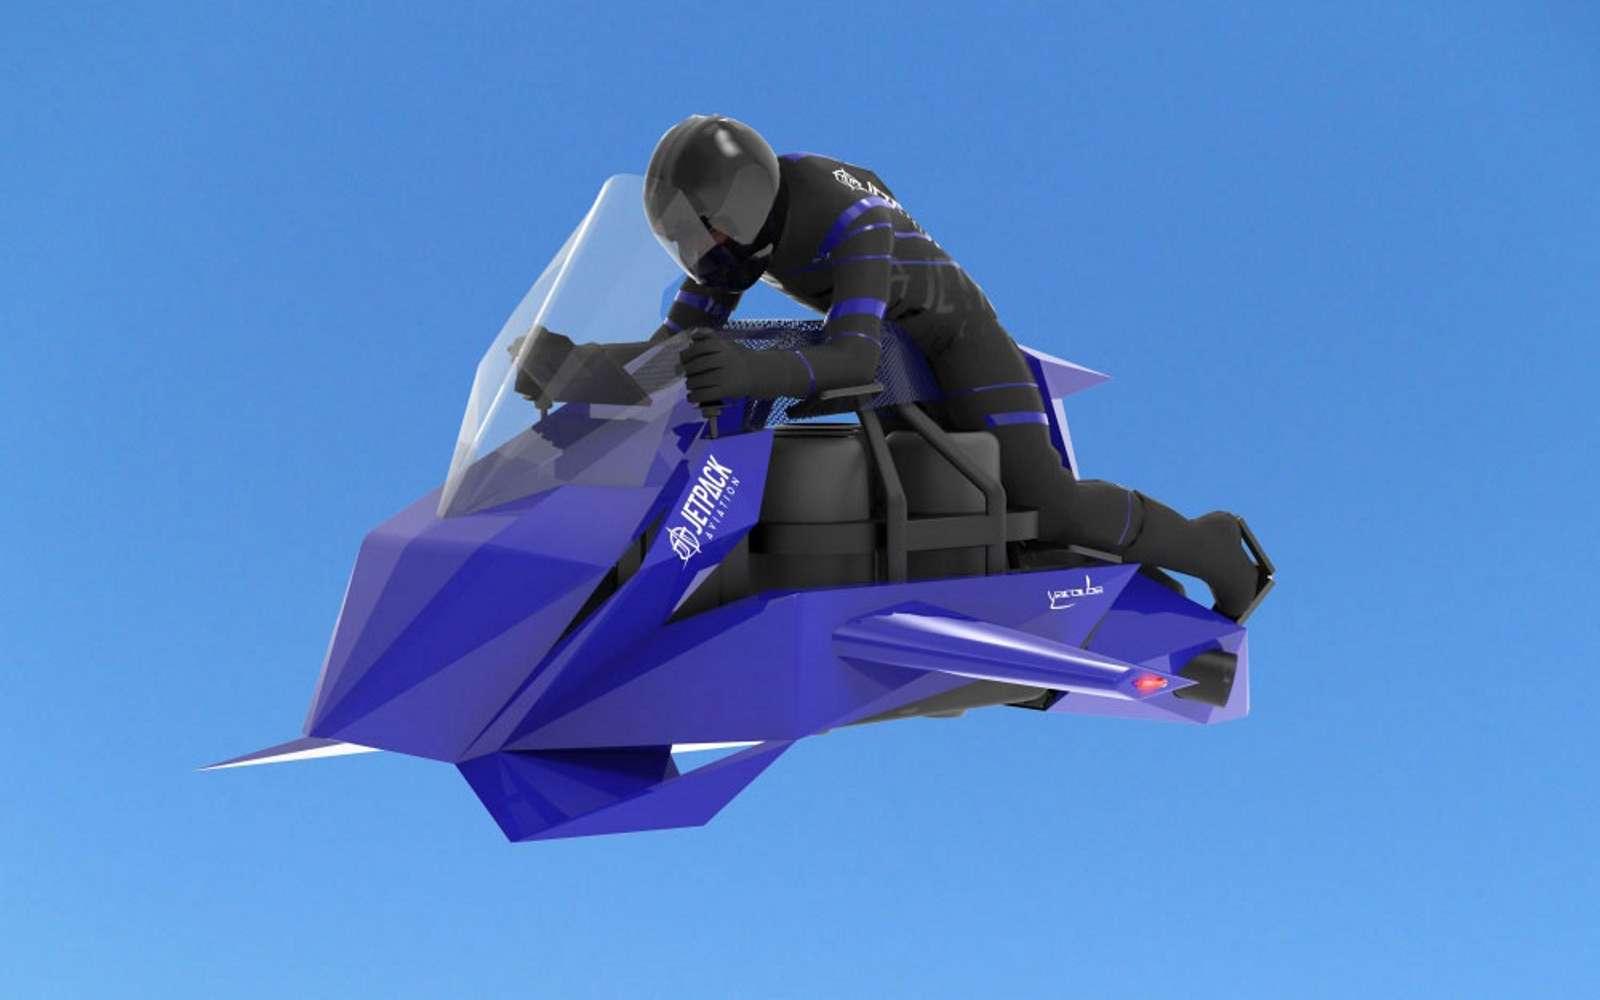 Dans un premier temps, la Speeder de Jetpack Aviation sera construite en une vingtaine d'exemplaires. Elle sera peu discrète avec un volume sonore de 120 dB. © Jetpack Aviation